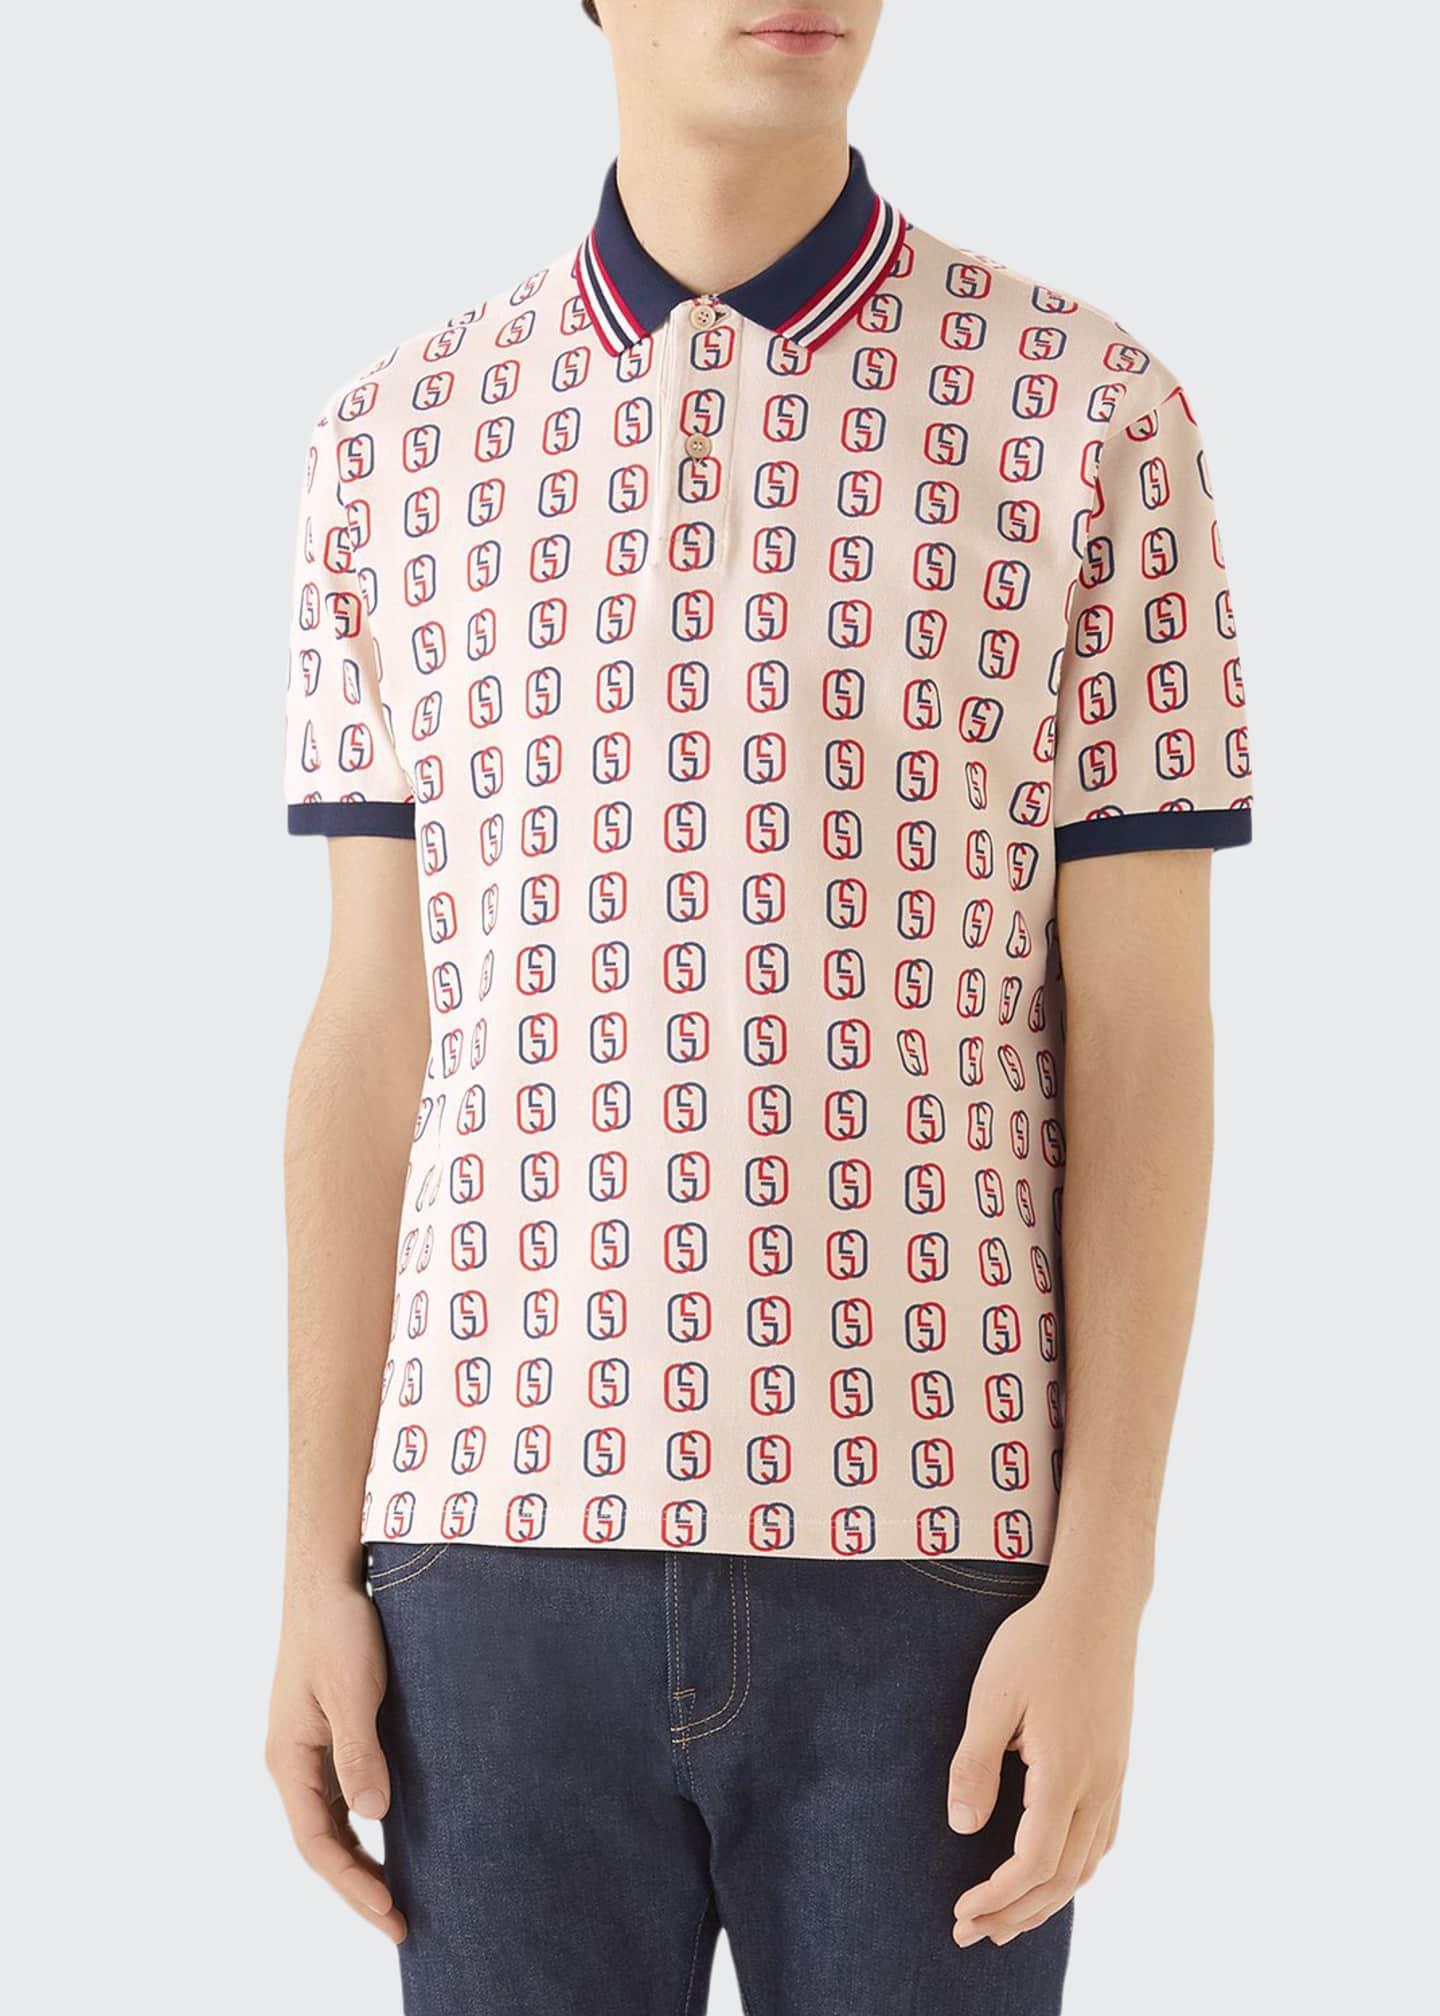 Gucci Men's GG Logo Cotton Pique Polo Shirt